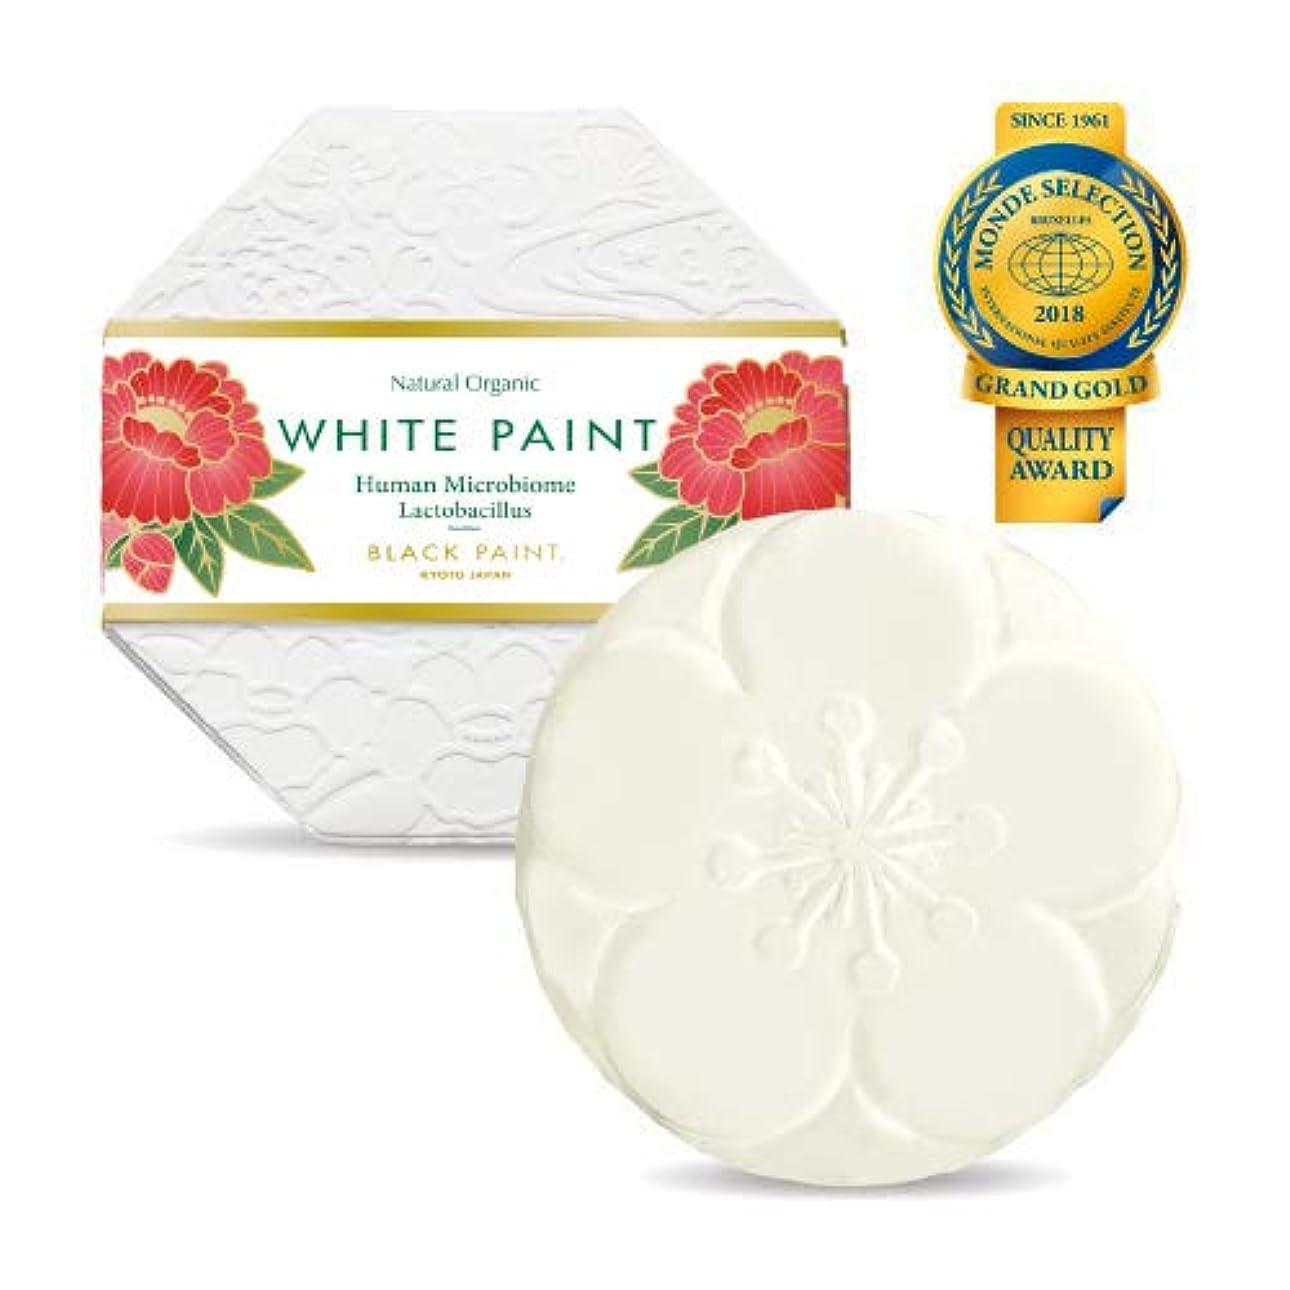 回復するジュニア対人プレミアム ホワイトペイント 120g 塗る洗顔 石鹸 無添加 国産 …